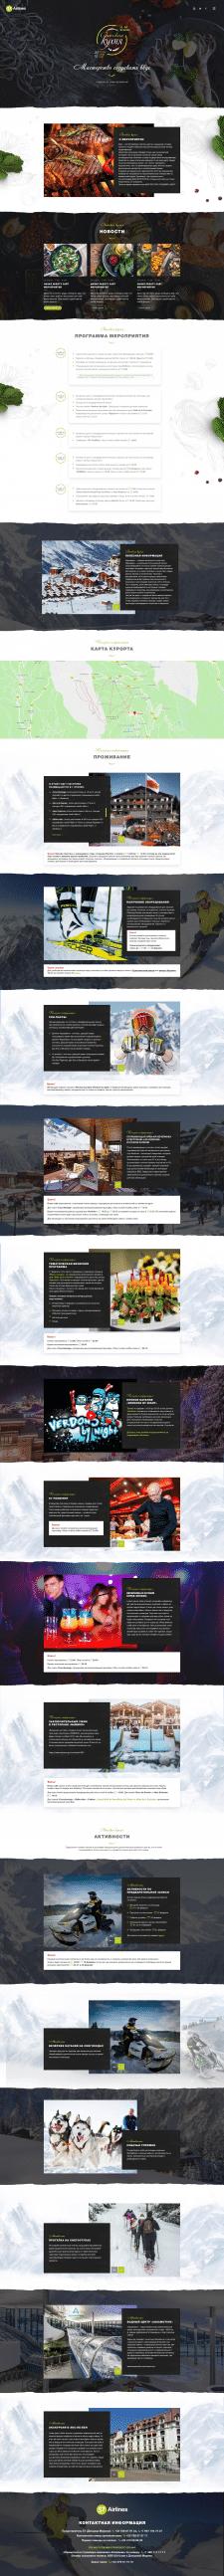 Разработка дизайна для сайта S7